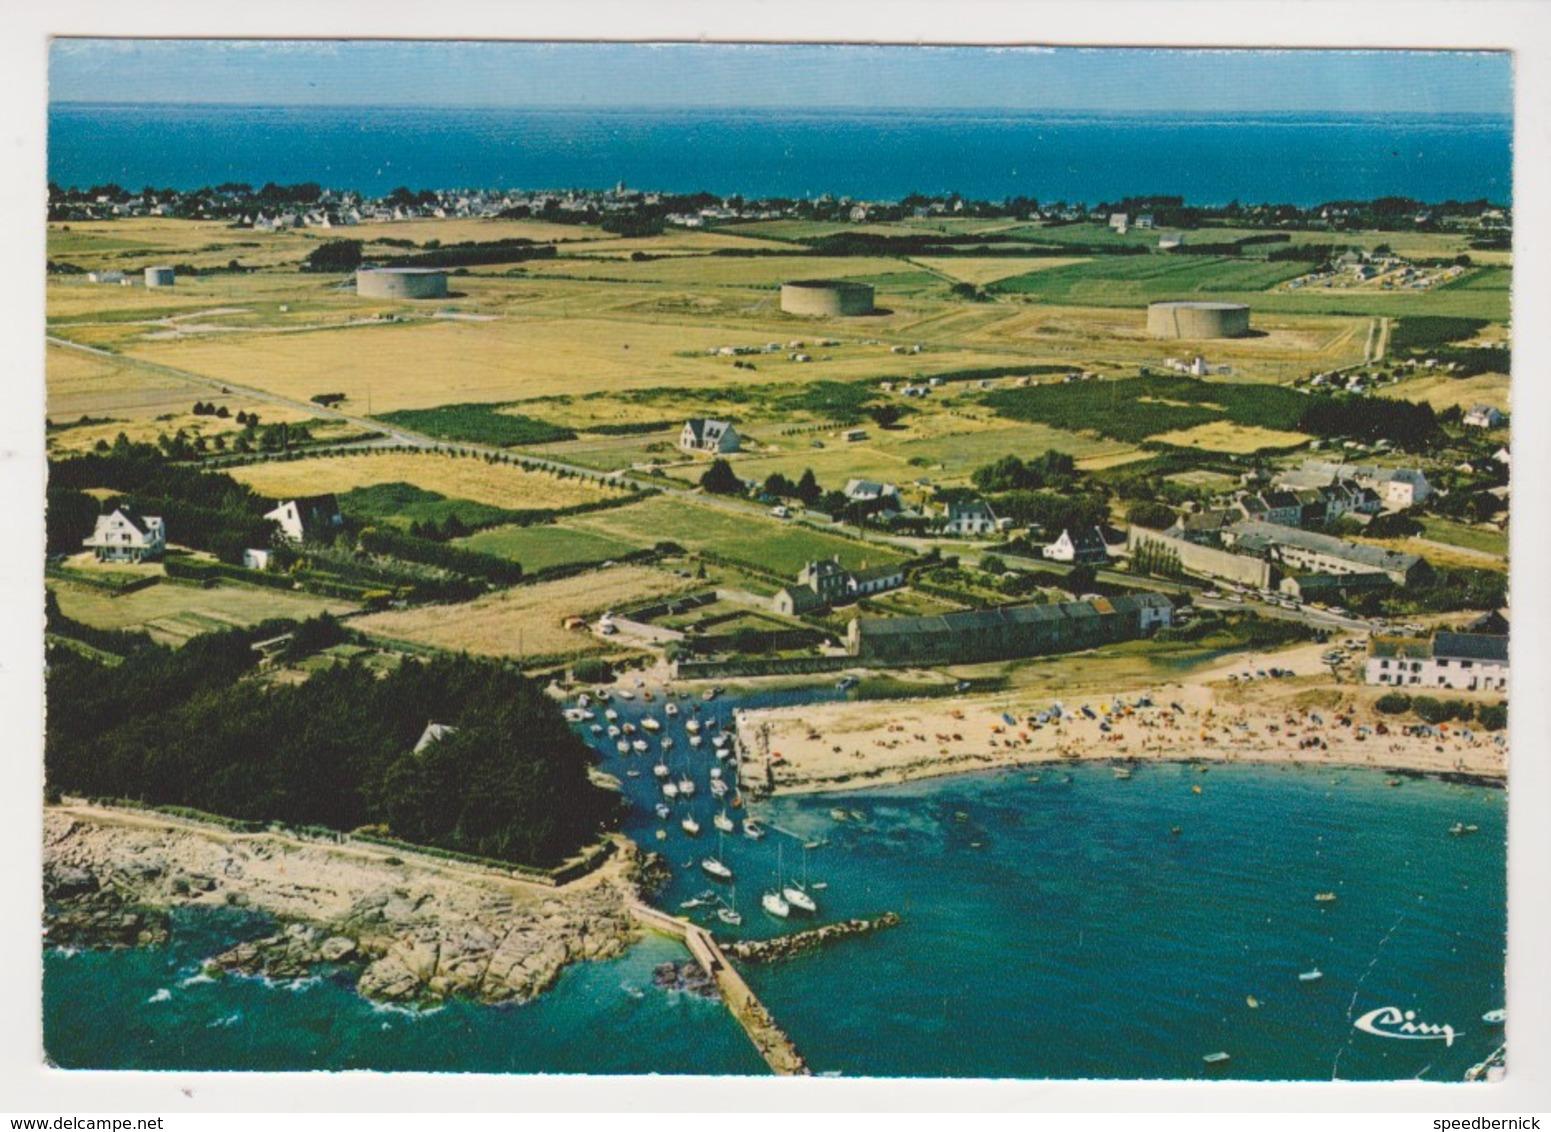 26589 Piriac Sur Mer Vue Aerienne -port Lerat -CIM 3.99.78.4728 - Piriac Sur Mer